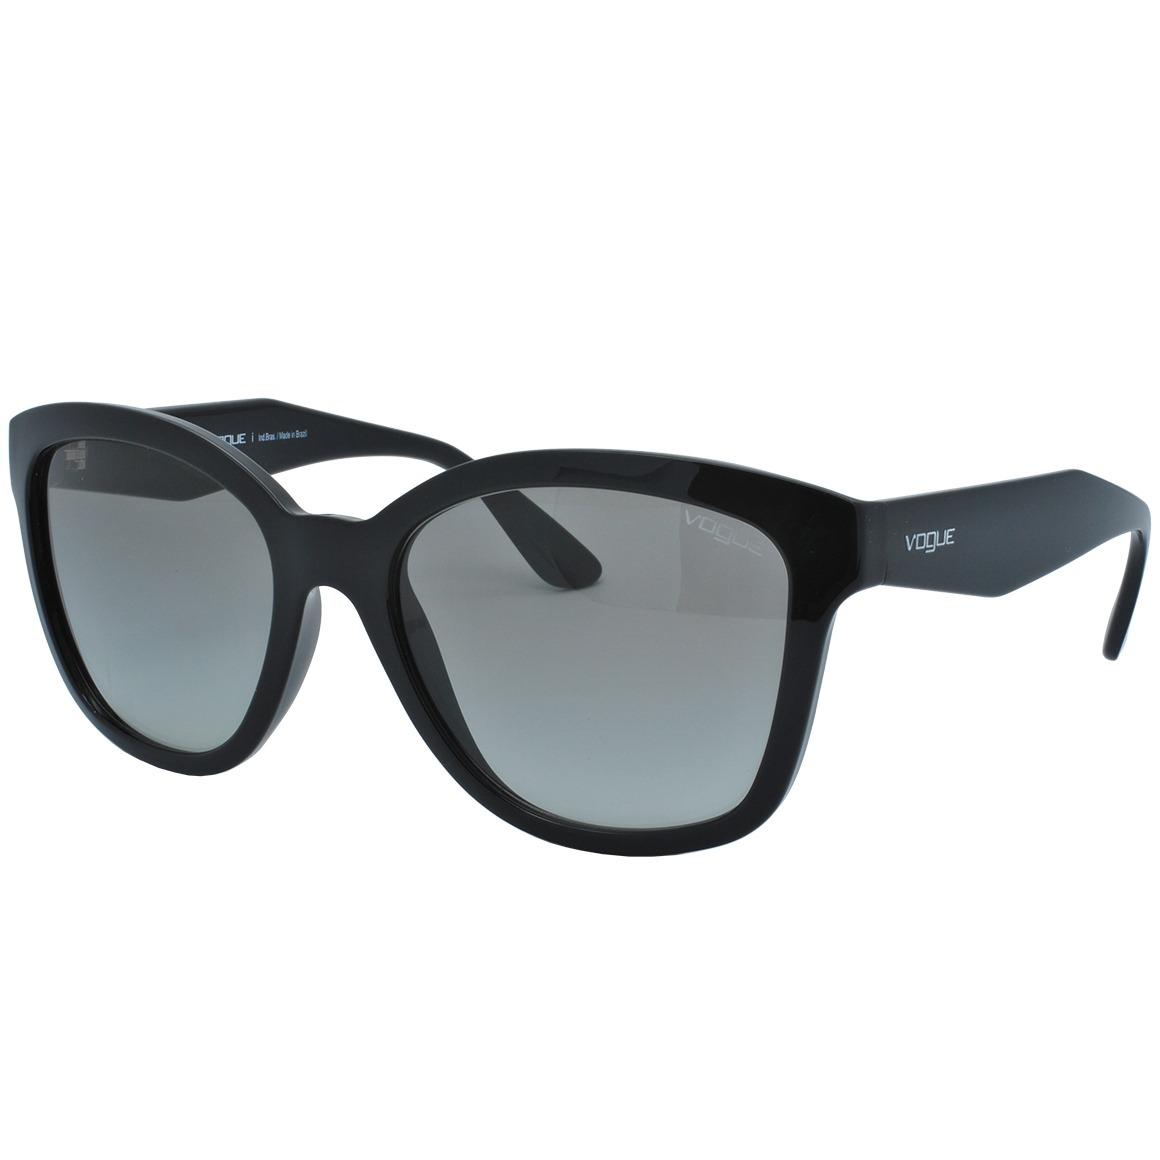 5a2d586ff Óculos De Sol Vogue Original Feminino Vo5019-sl - R$ 372,00 em ...